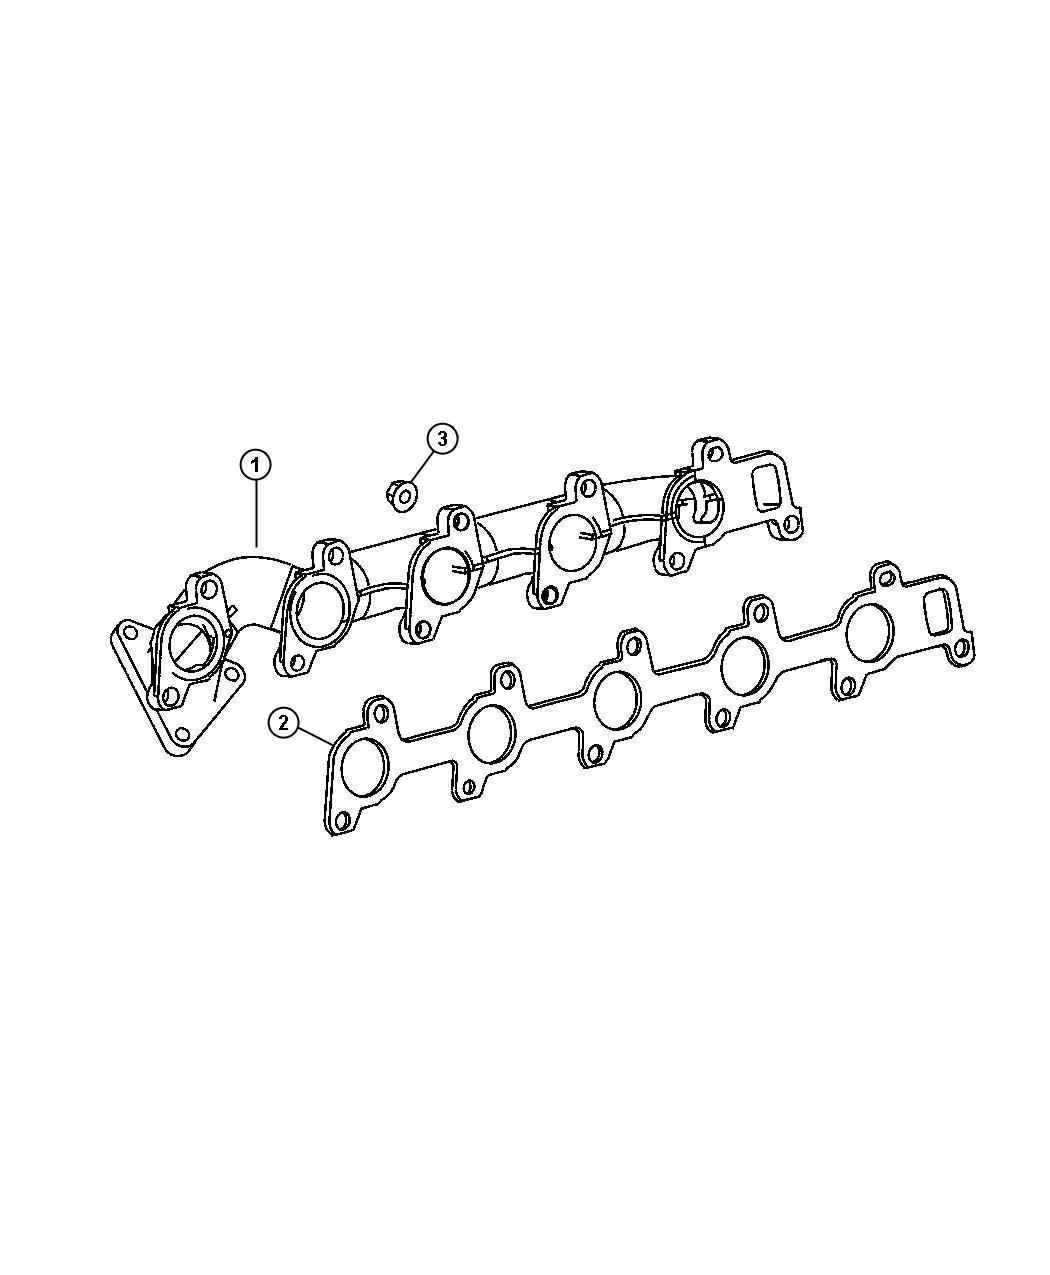 2008 Chrysler Aspen Exhaust Parts Diagram